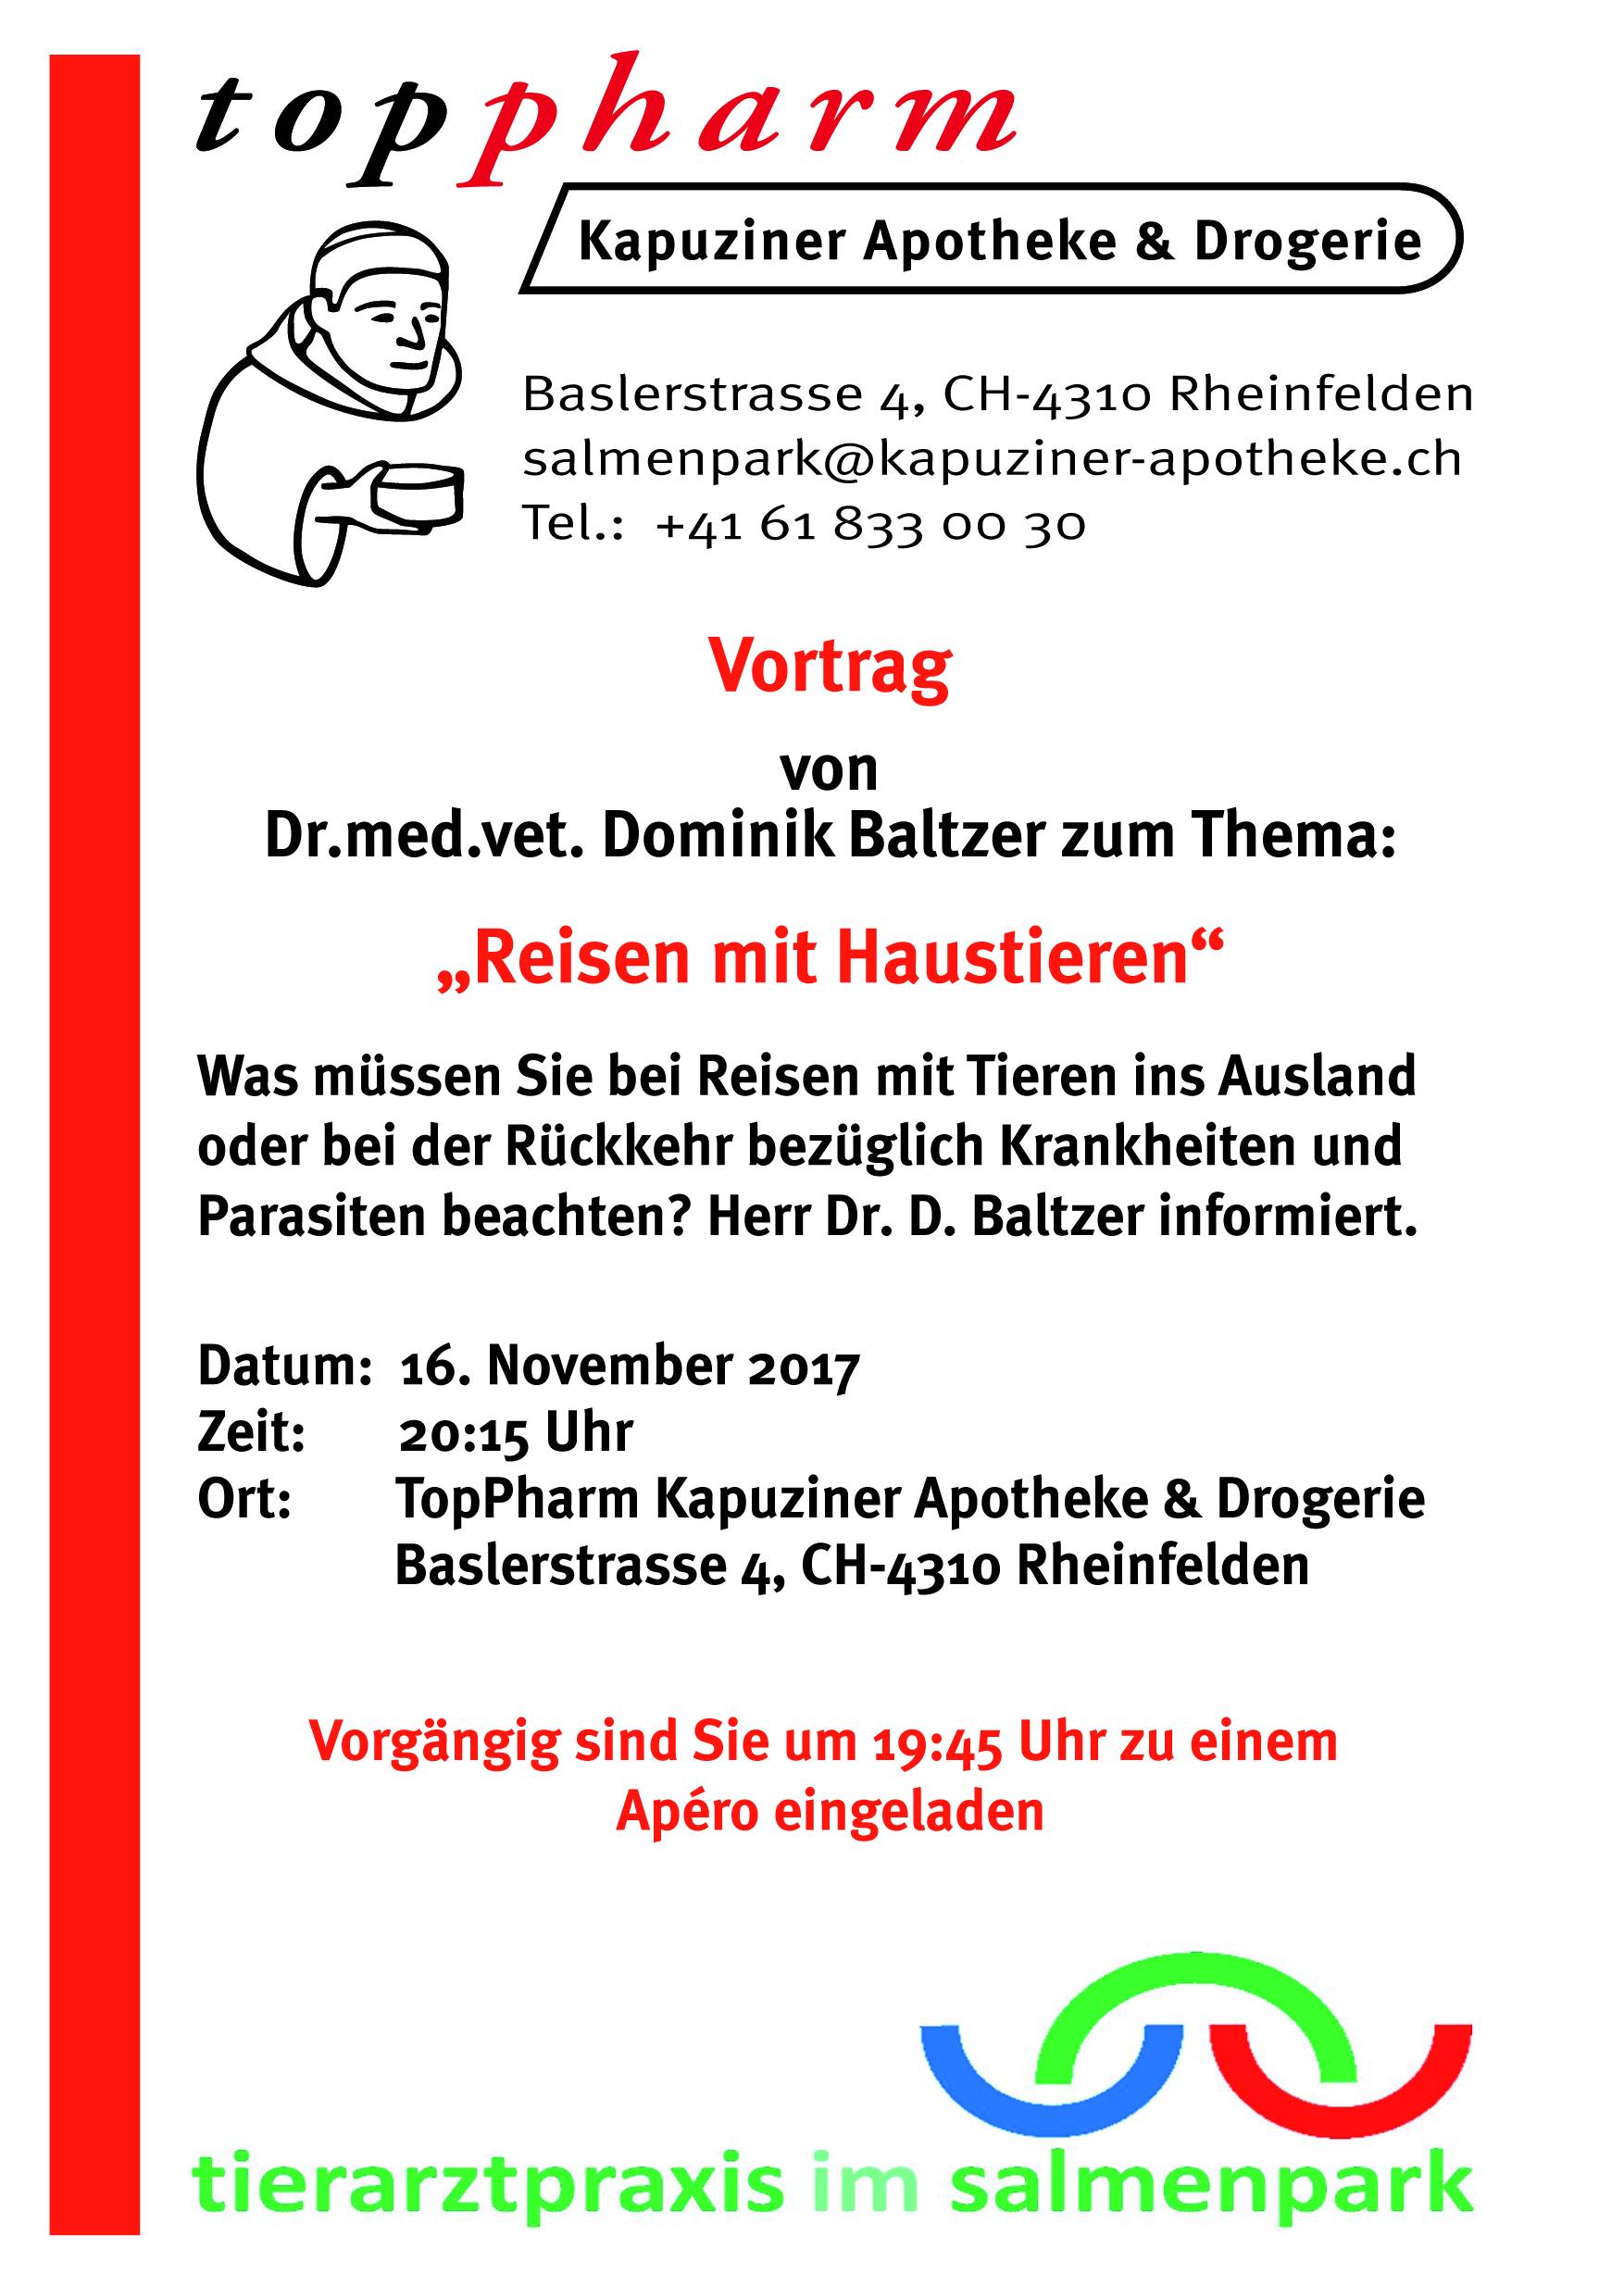 votrag_flyer_a5.jpg